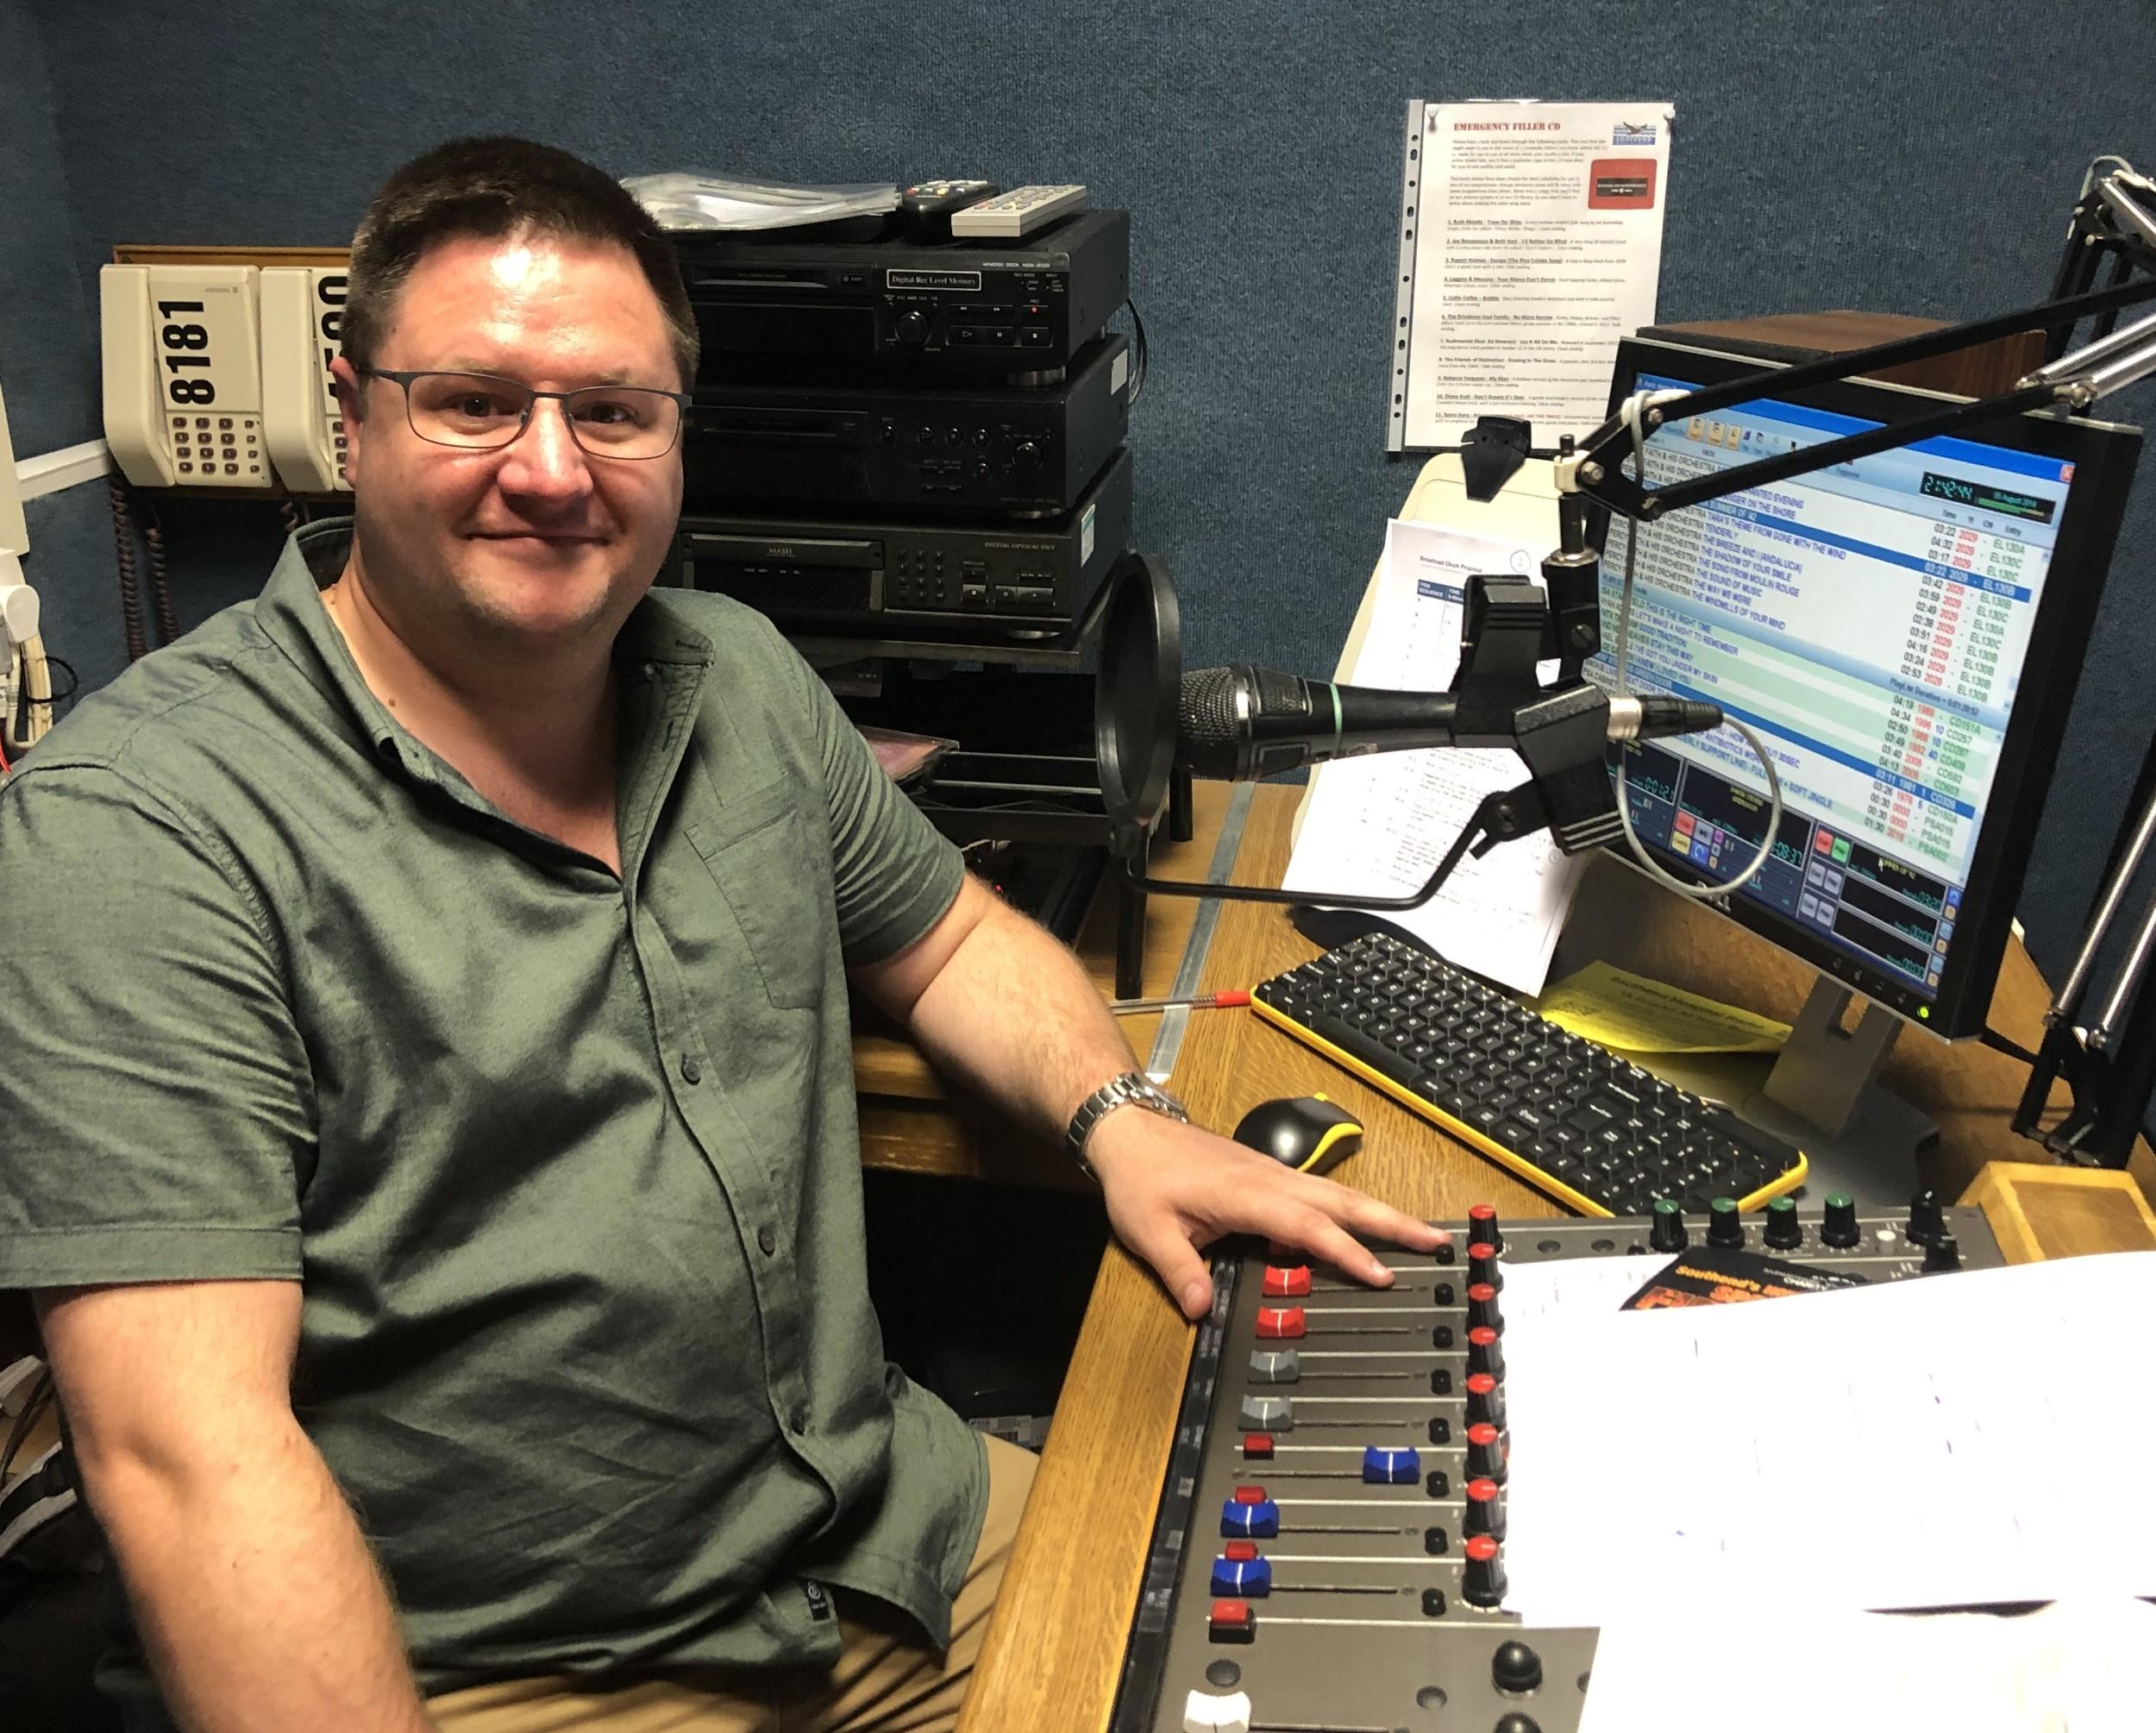 Programme Controller Joe Smith